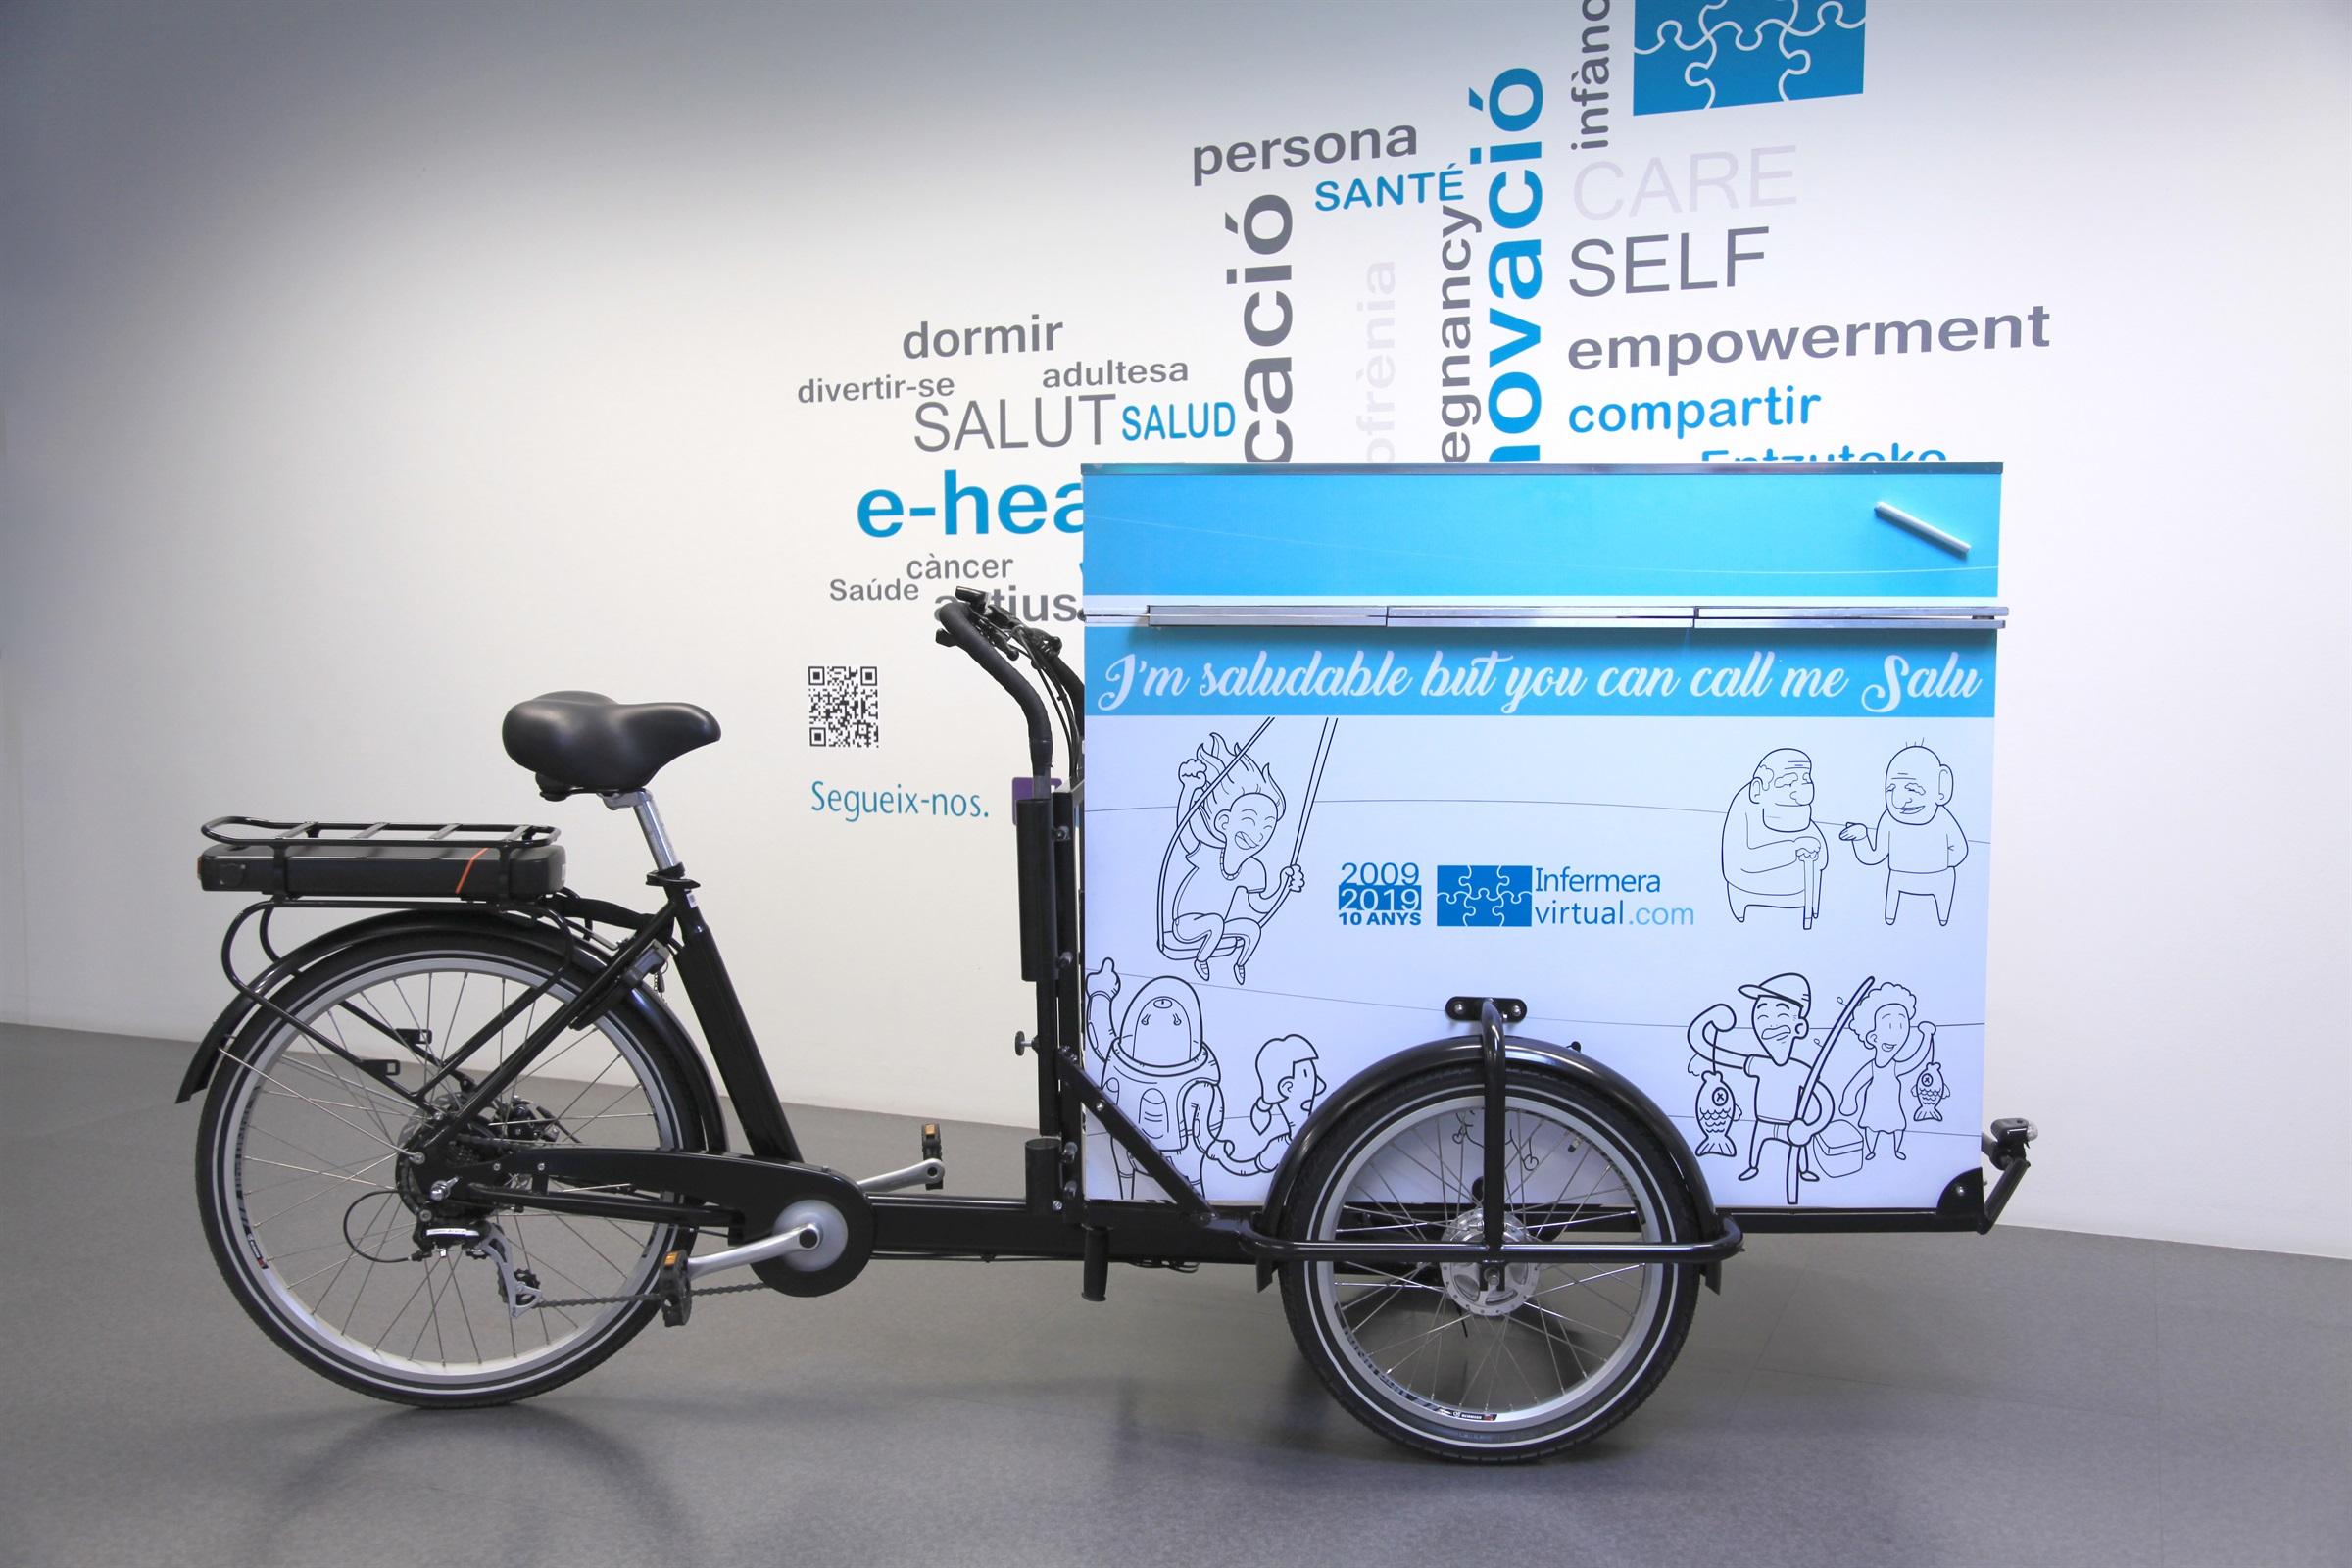 """Infermera virtual porta tallers i activitats amb la bicicleta itinerant """"la Salu"""" a la Fira de Salut de Sant Andreu de la Barca"""